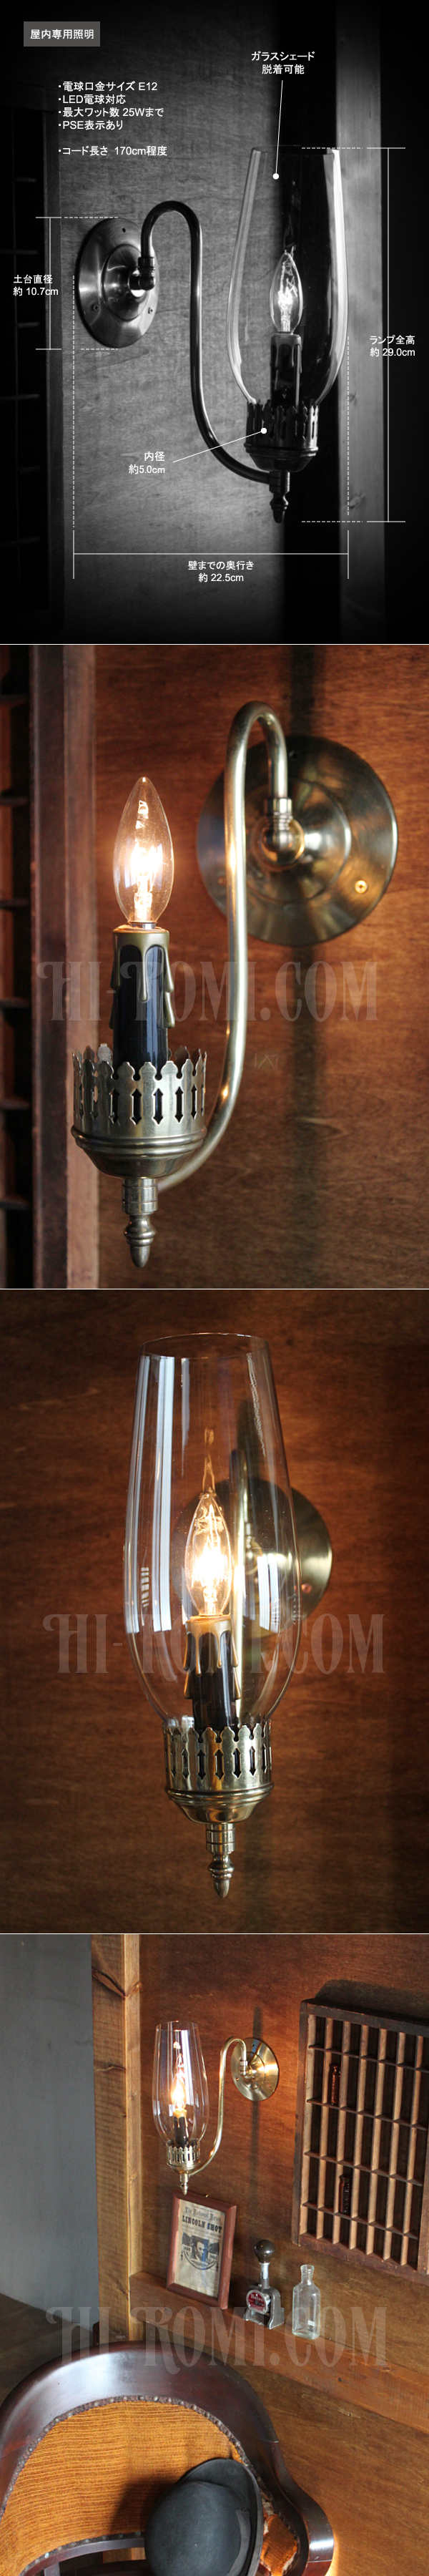 クリアガラスチムニー付きコロニアルキャンドルブラケットA/アンティーク工業系照明